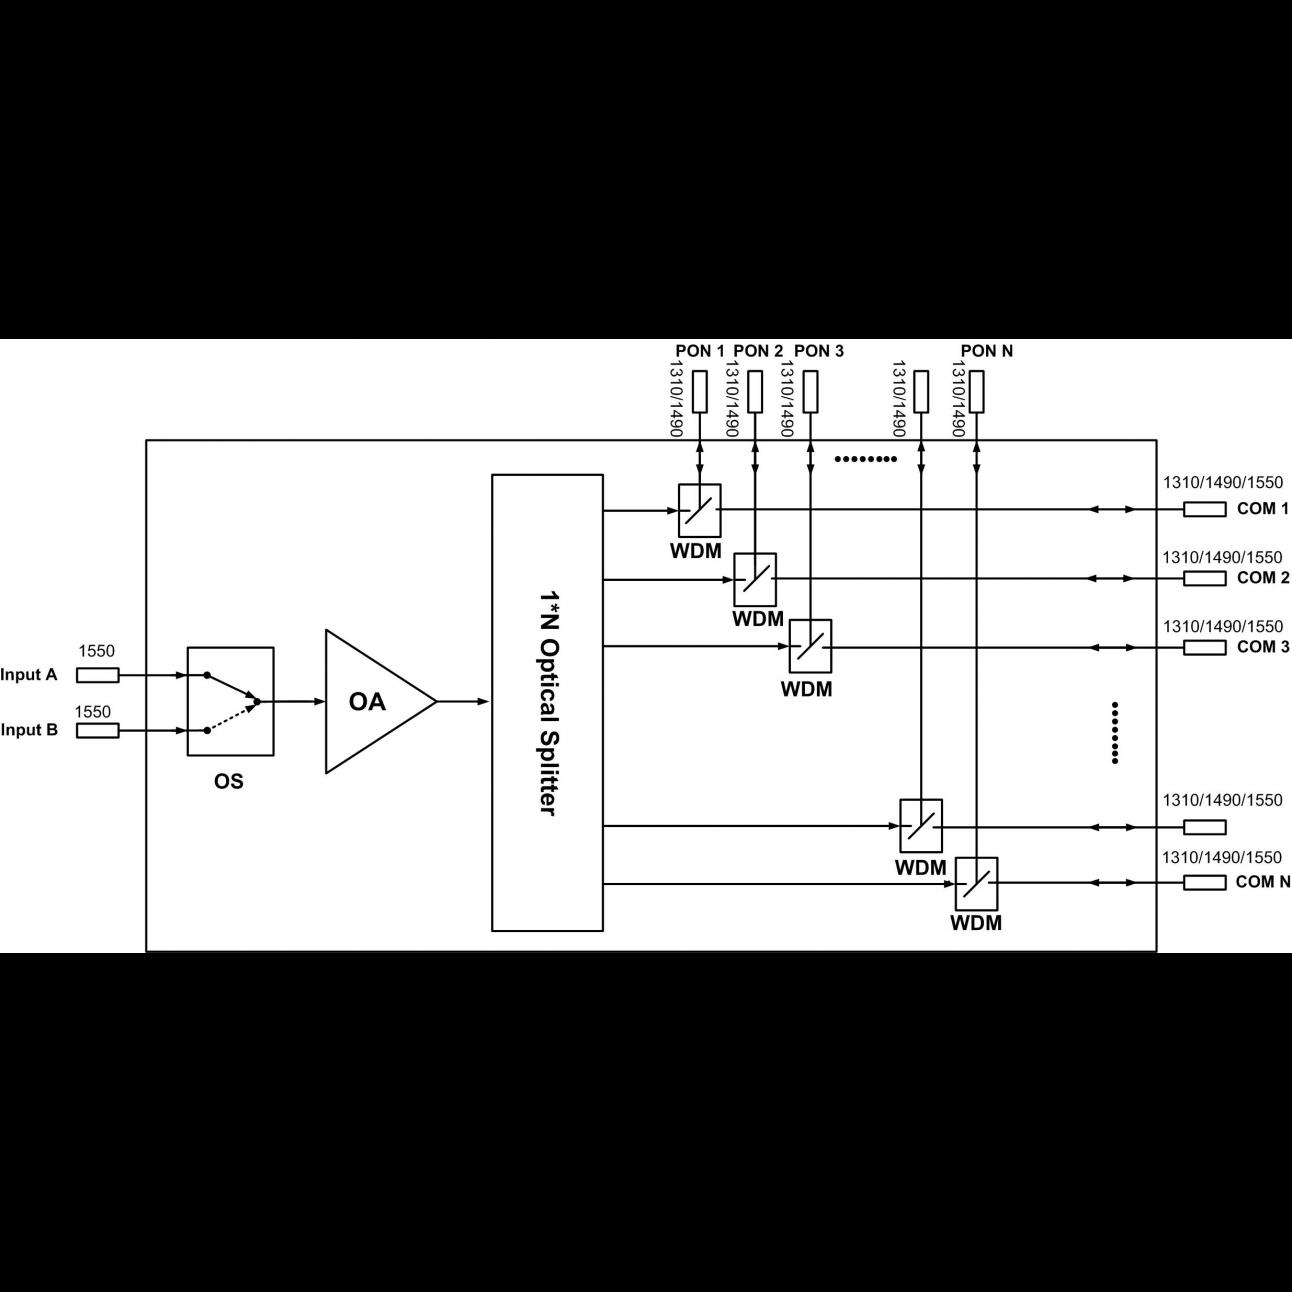 Оптический усилитель VERMAX для сетей КТВ, 2 входа, 16*22dBm выходов, PON фильтр